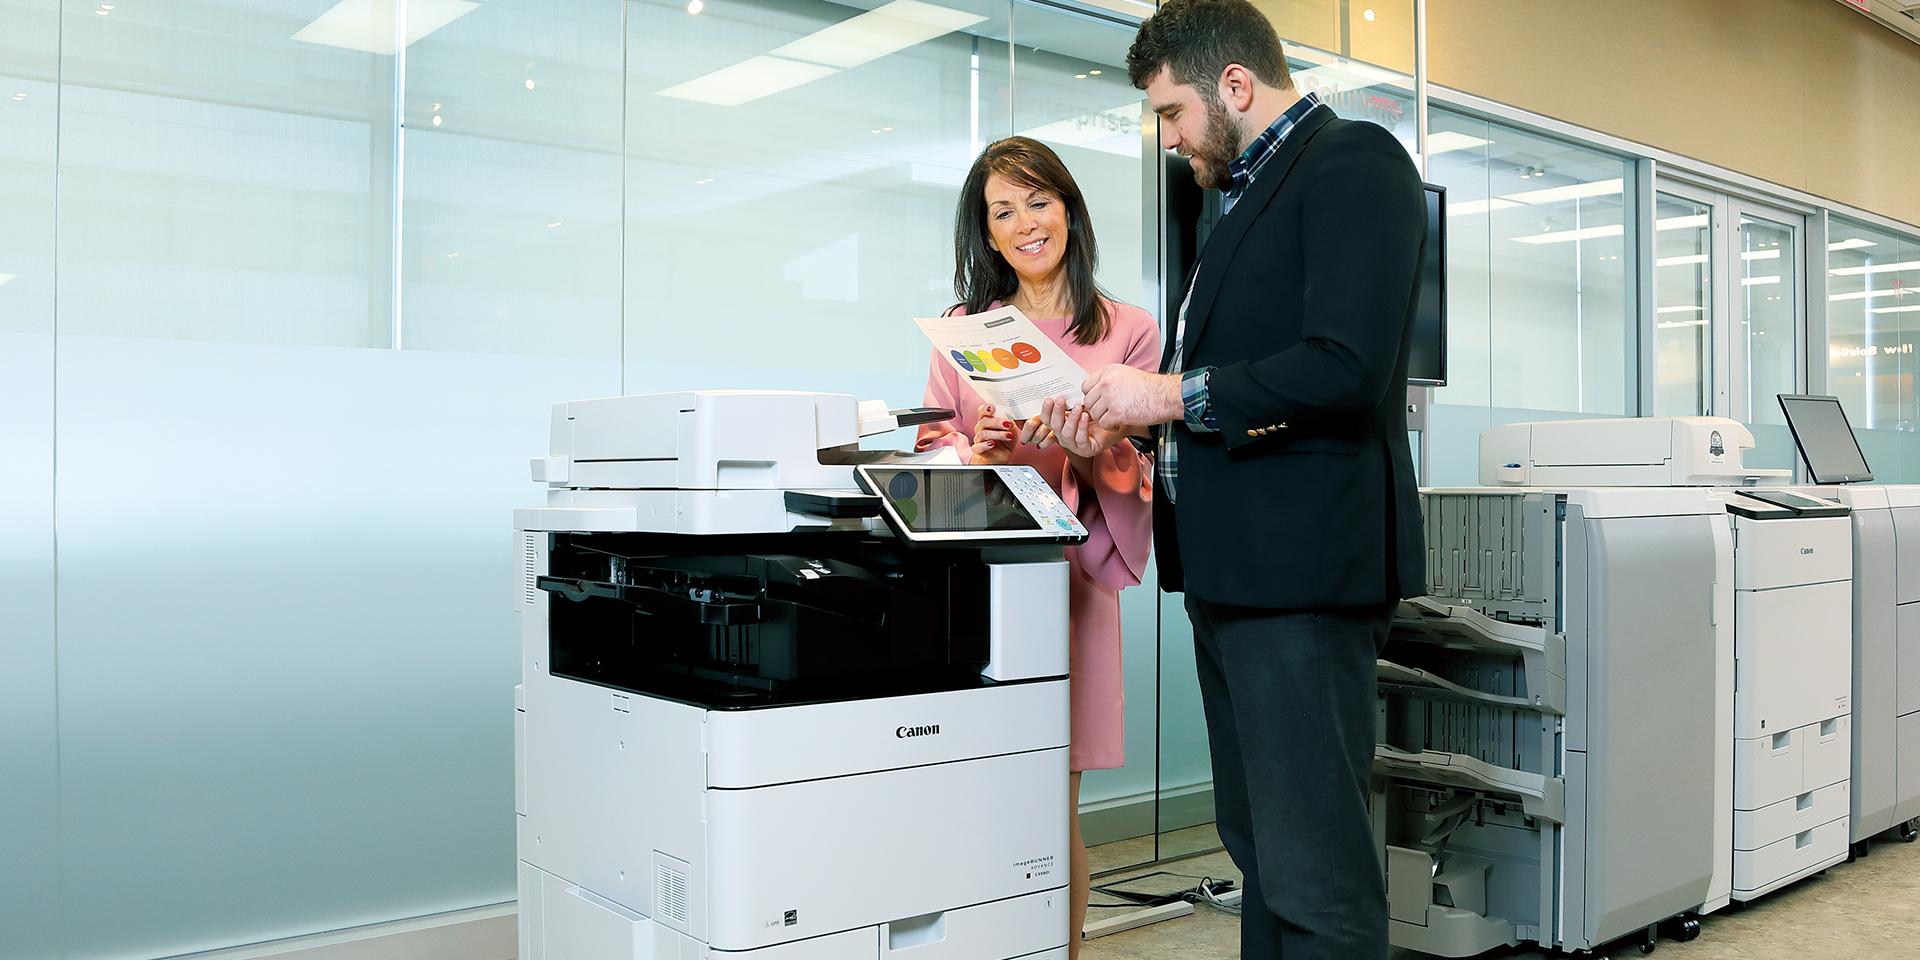 دستگاه کپی imageRUNNER 2204 کانن محصول شرکت نامآشنای «کانن» (Canon) است ، این شرکت همواره در زمینه چاپ و کپی یکی از بهترین گزینه های بازار محسوب میشود؛bia2takhfif